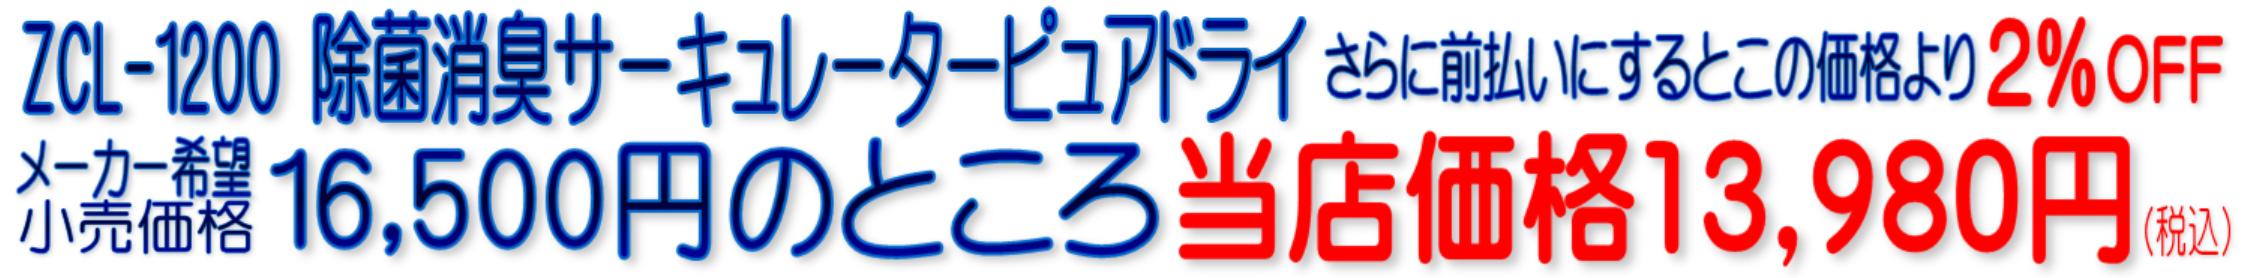 ZCL-1200 除菌消臭サーキュレーターピュアドライ